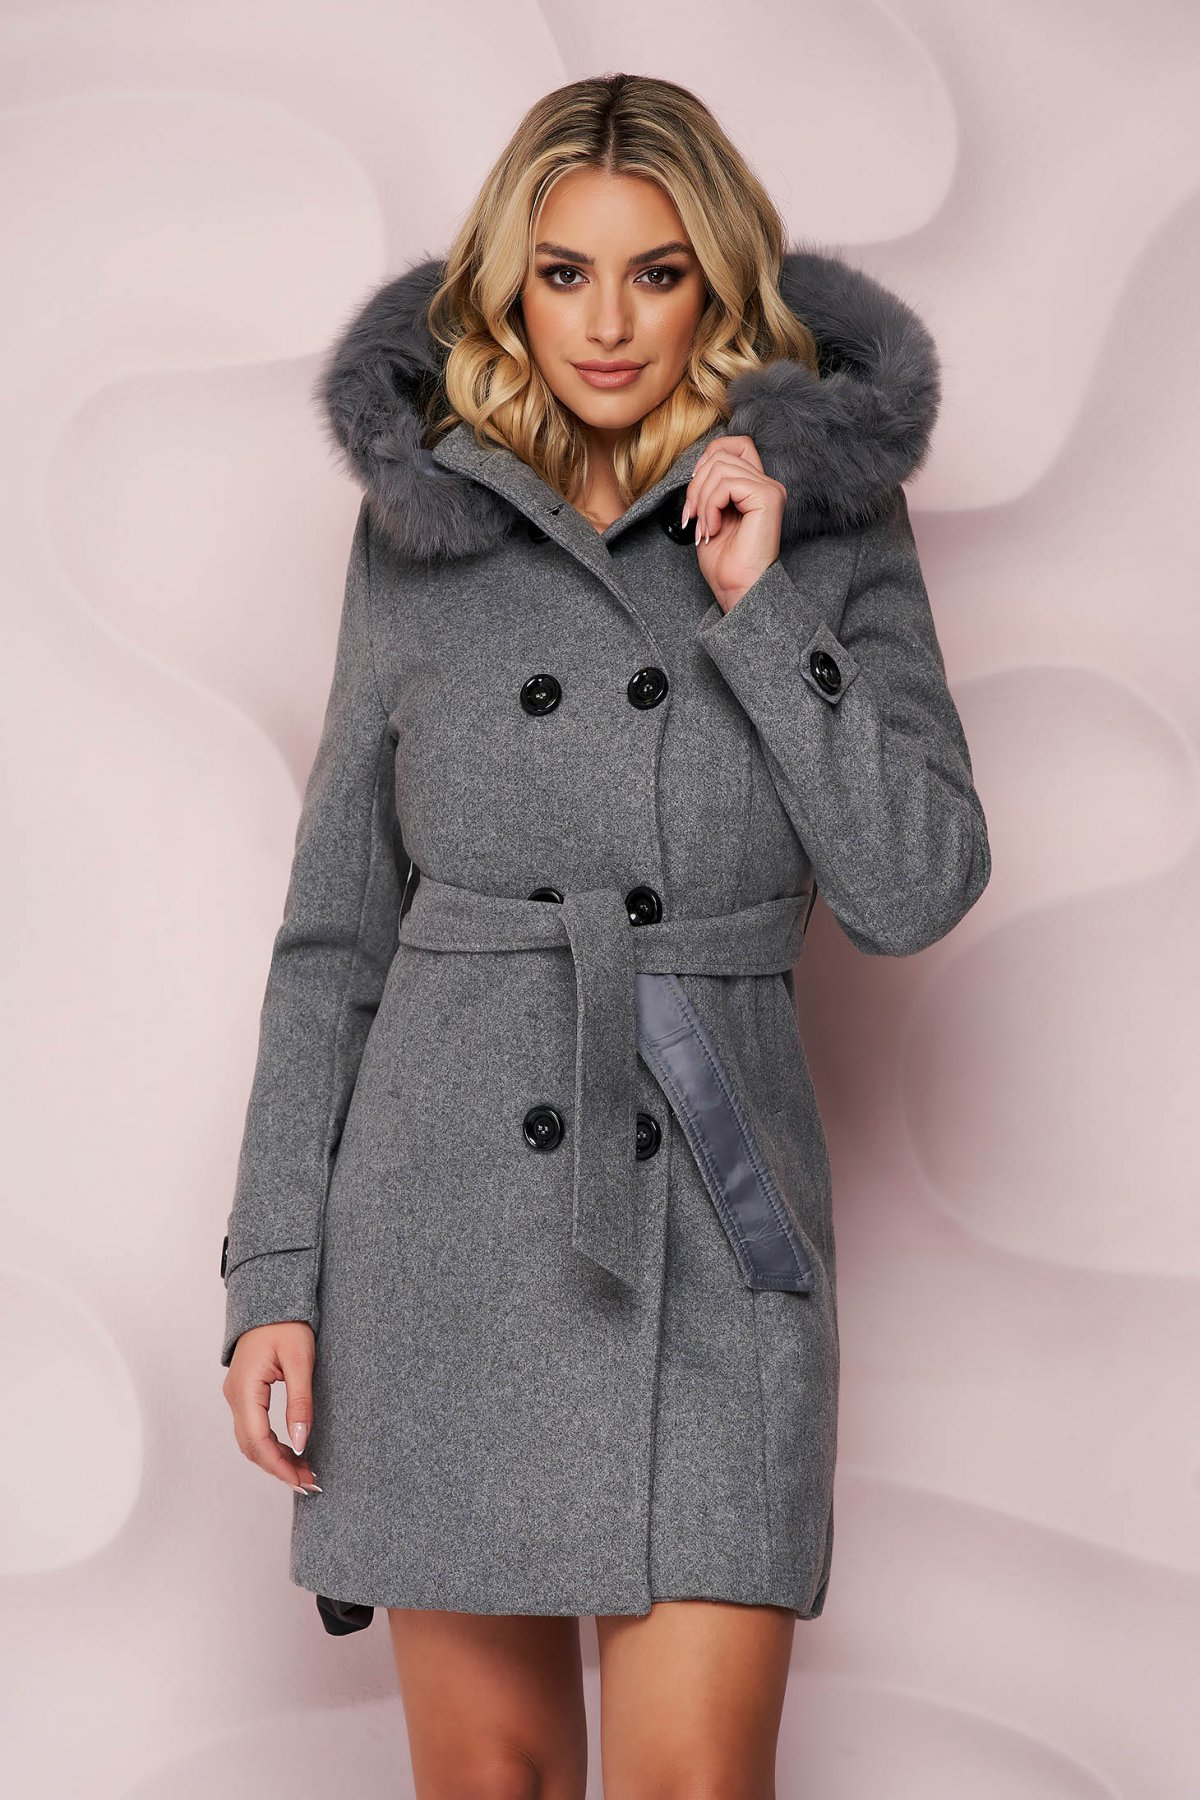 Palton SunShine gri elegant cu un croi cambrat din material gros cu insertii de blana ecologica detasabile si cordon detasabil